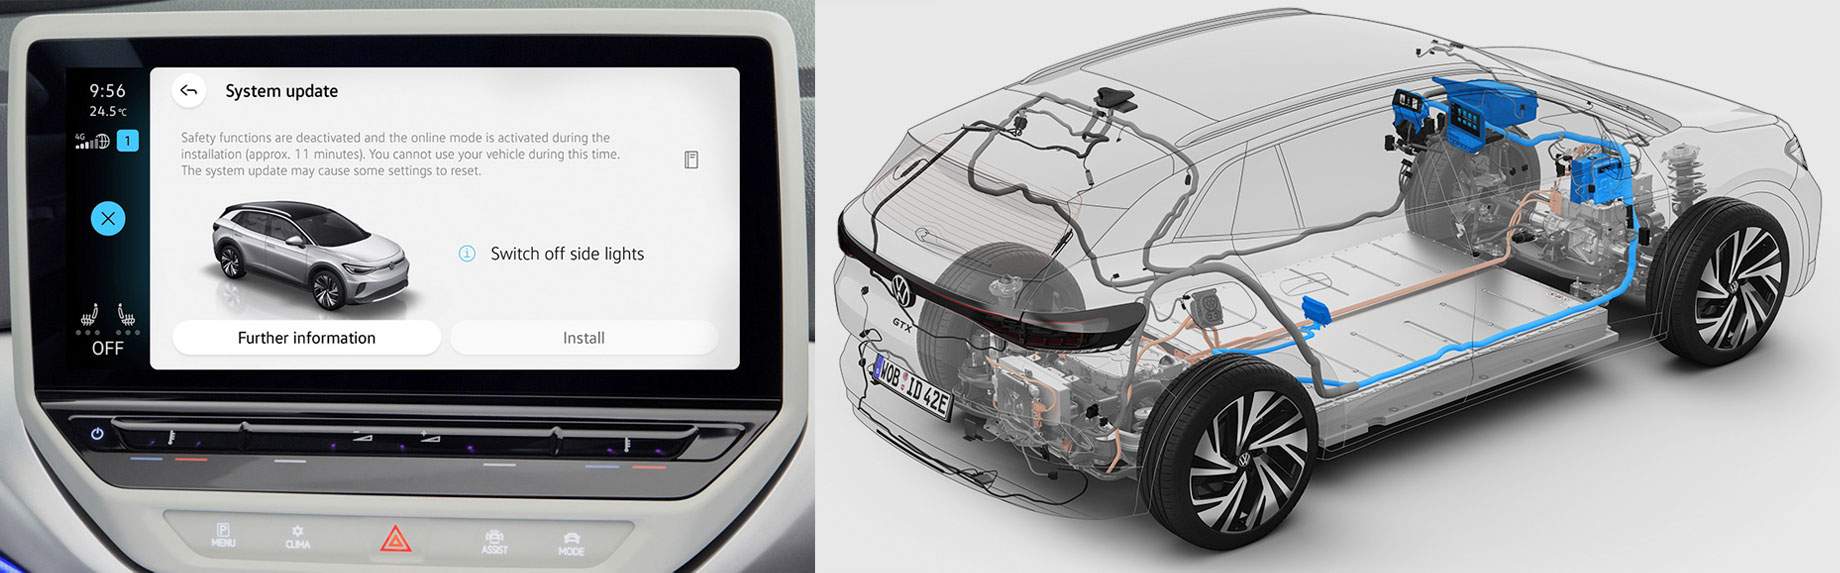 Семейство Volkswagen ID. с июля обновит софт «по воздуху»